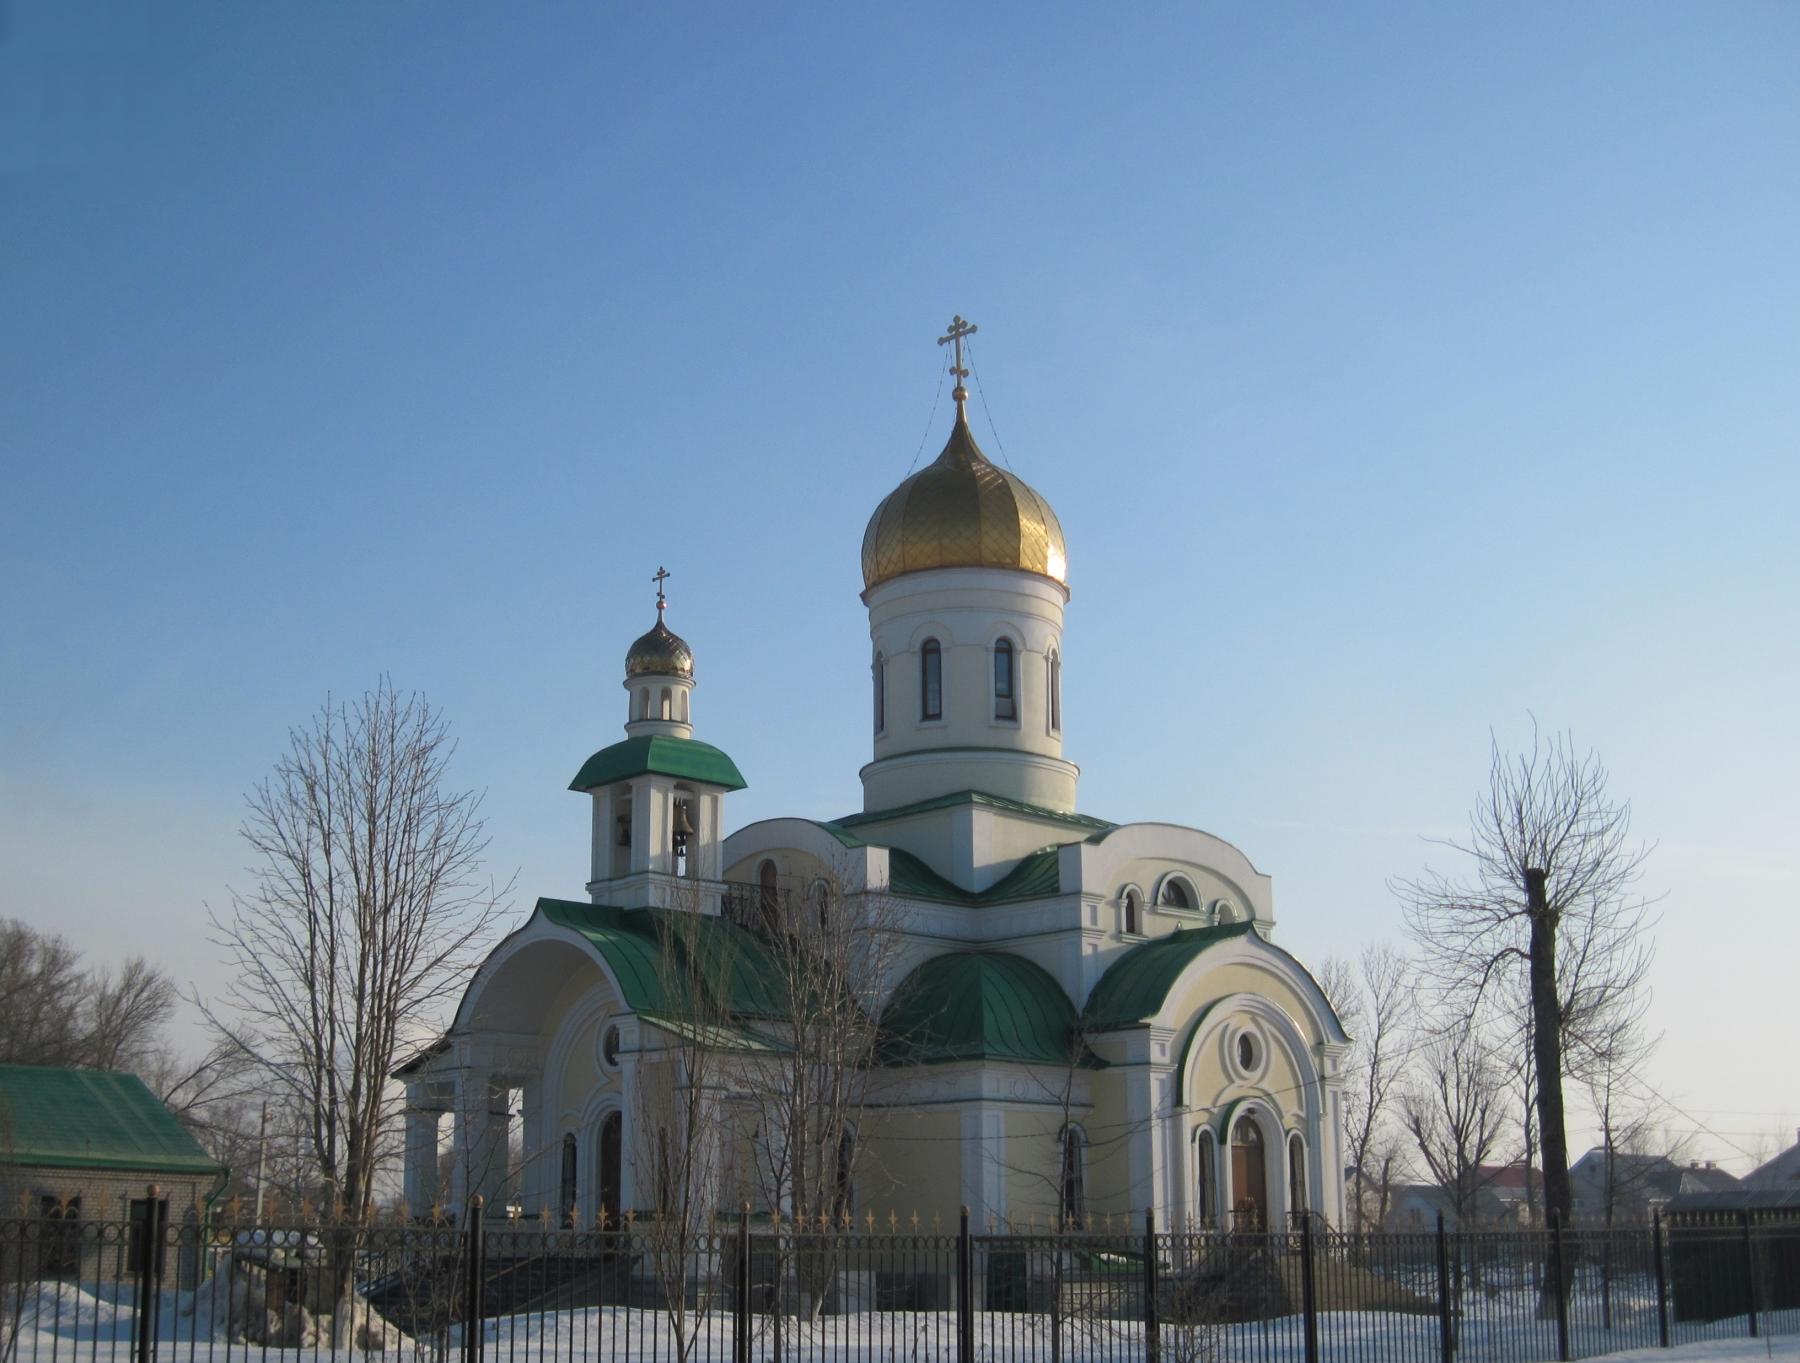 Церковь в честь благоверного князя Александра Невского. Март, 2017.